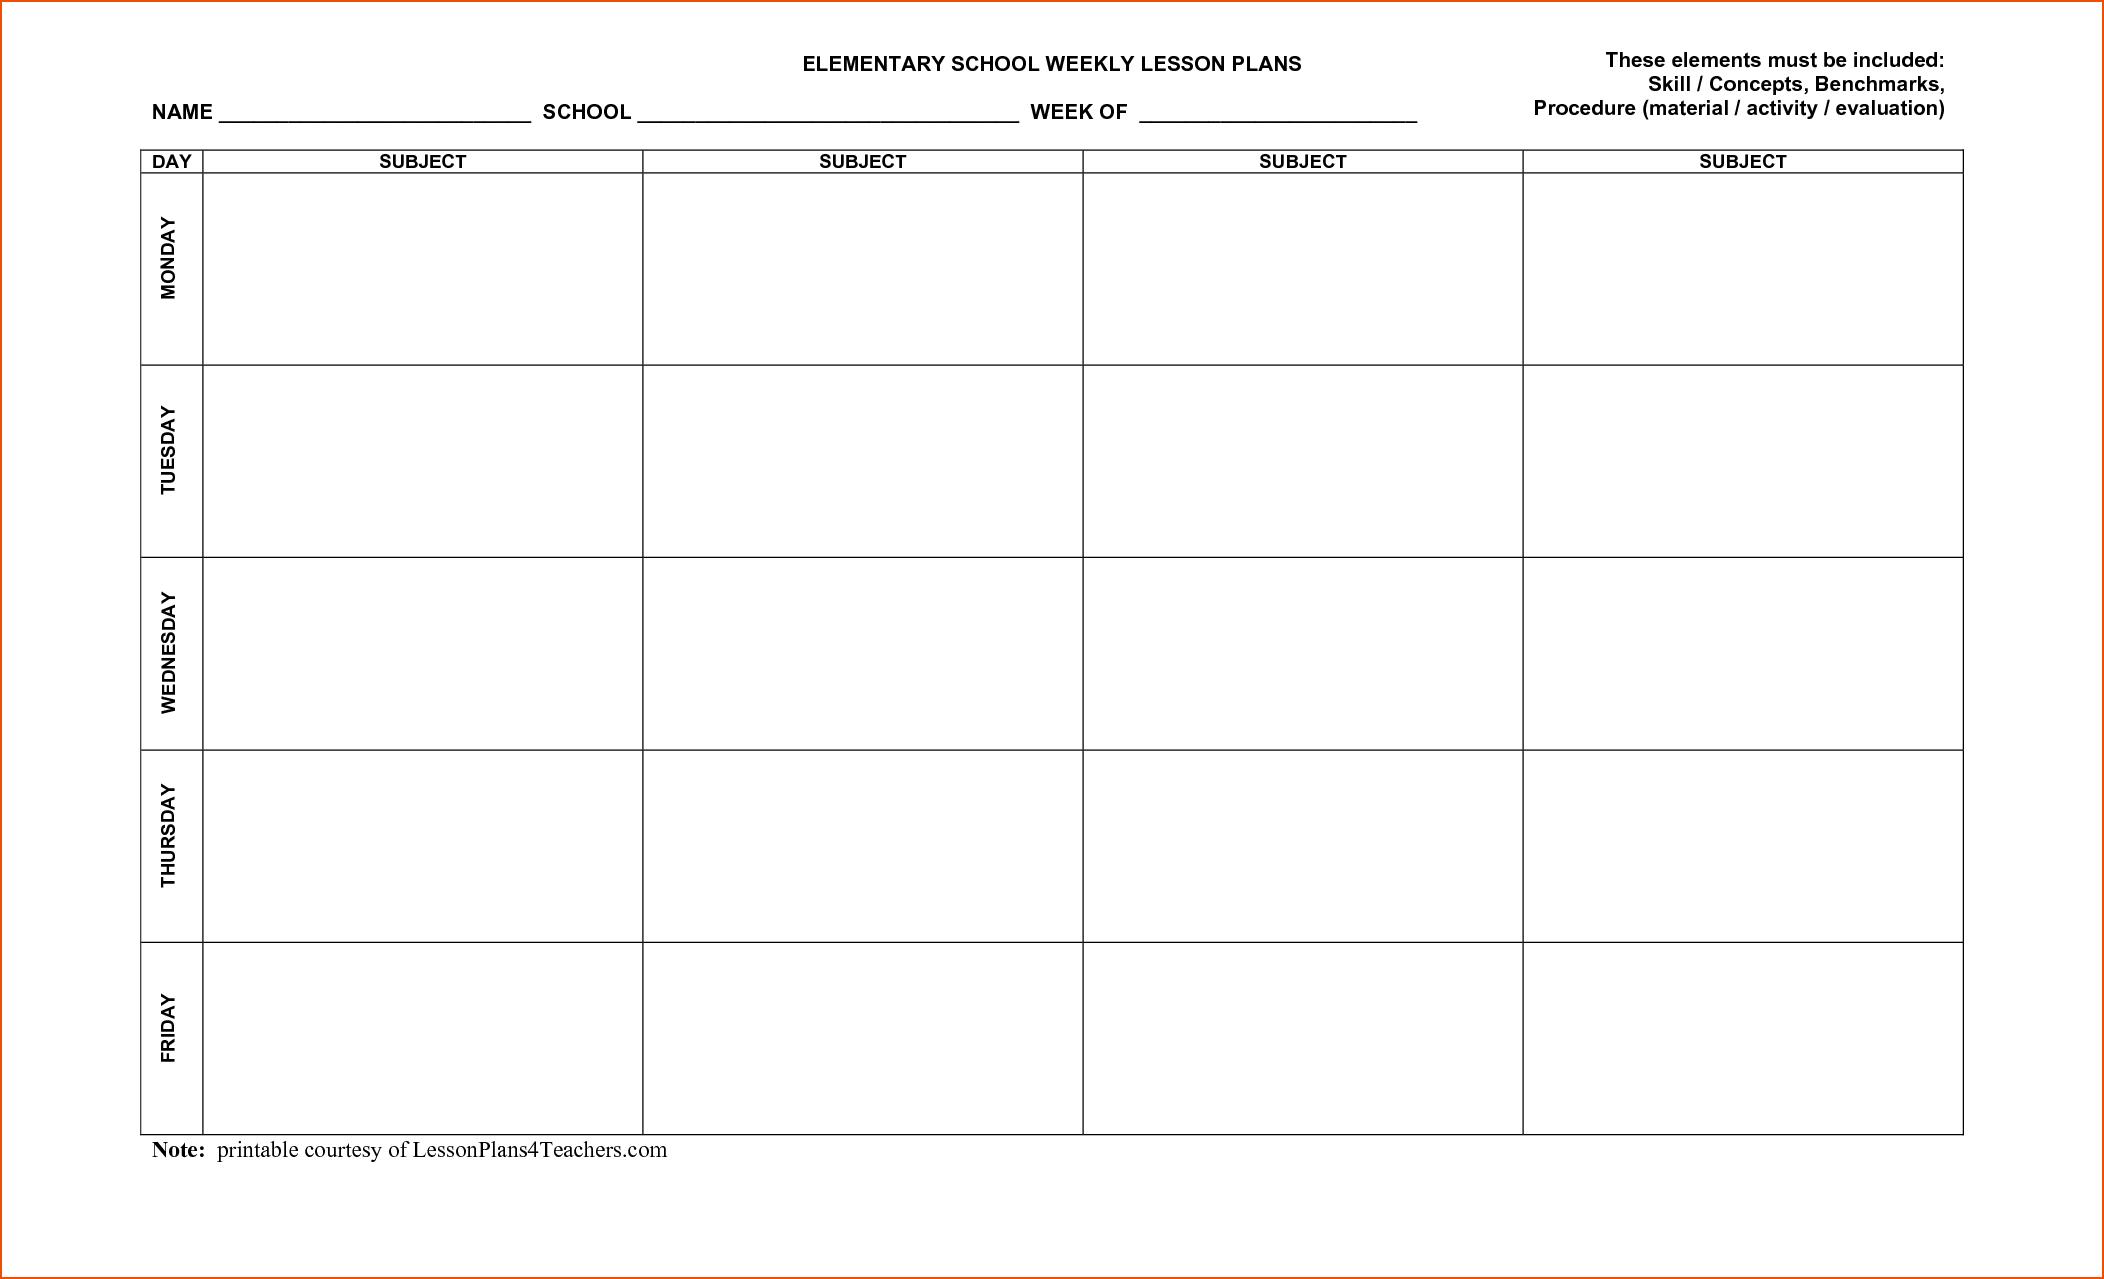 Blank Preschool Lesson Plan Template Pdf Free Printable For Blank Preschool Lesson Plan Template